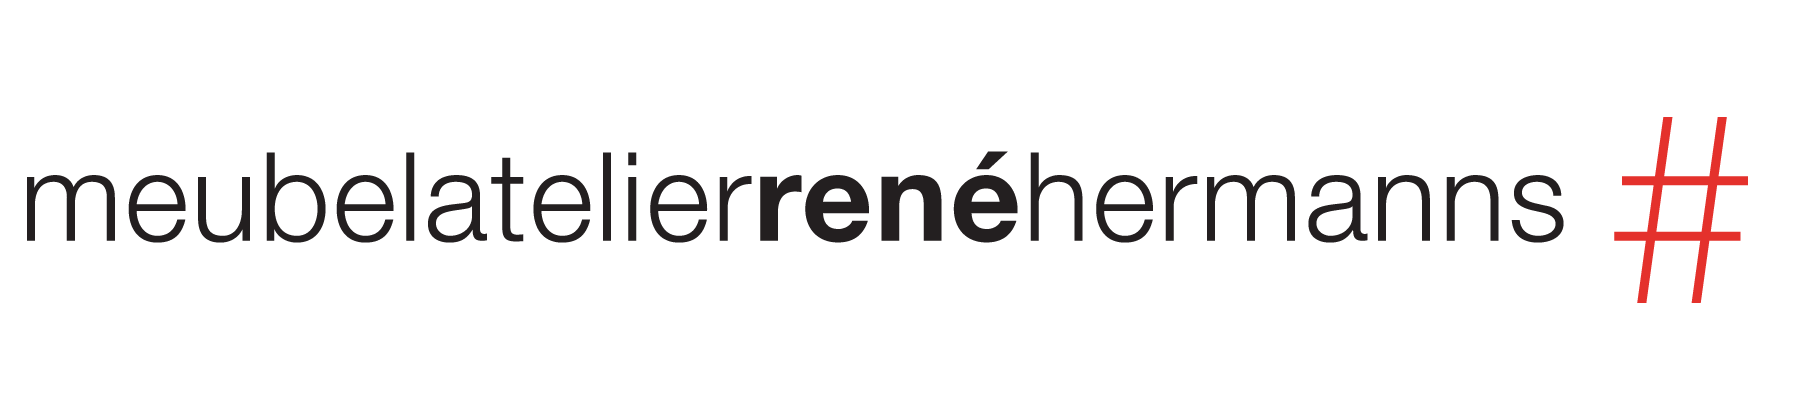 Meubelatelier Rene Hermanns